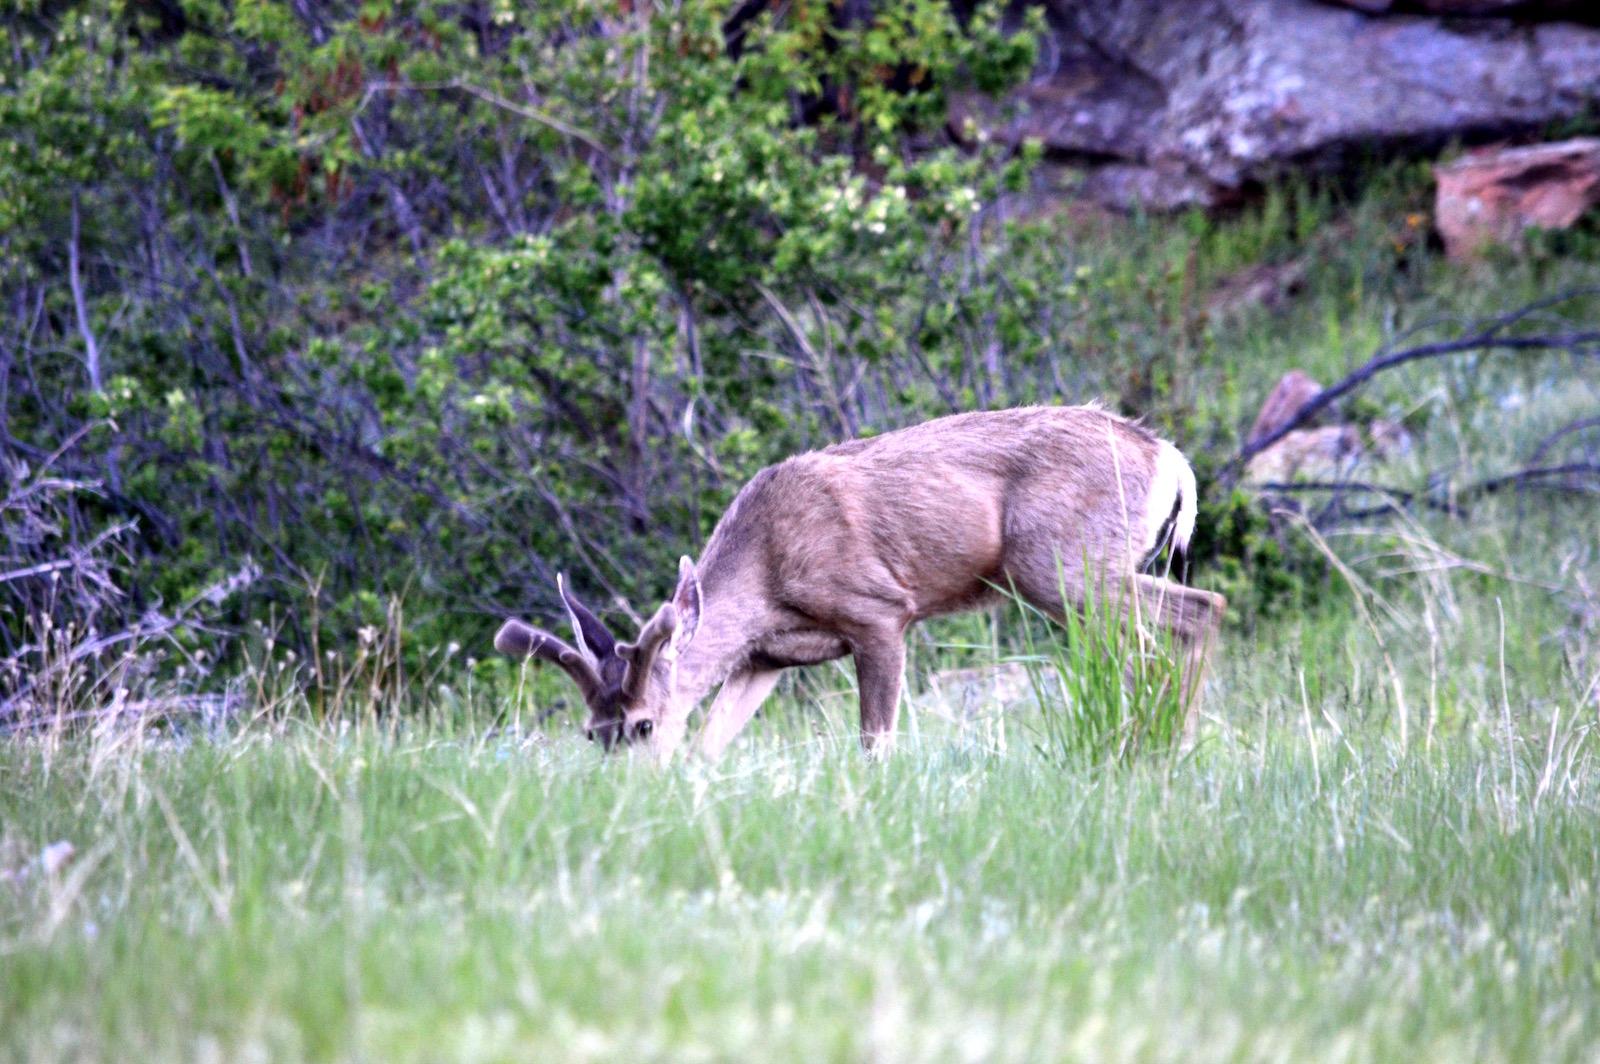 Flagstaff deer cheri ruskus